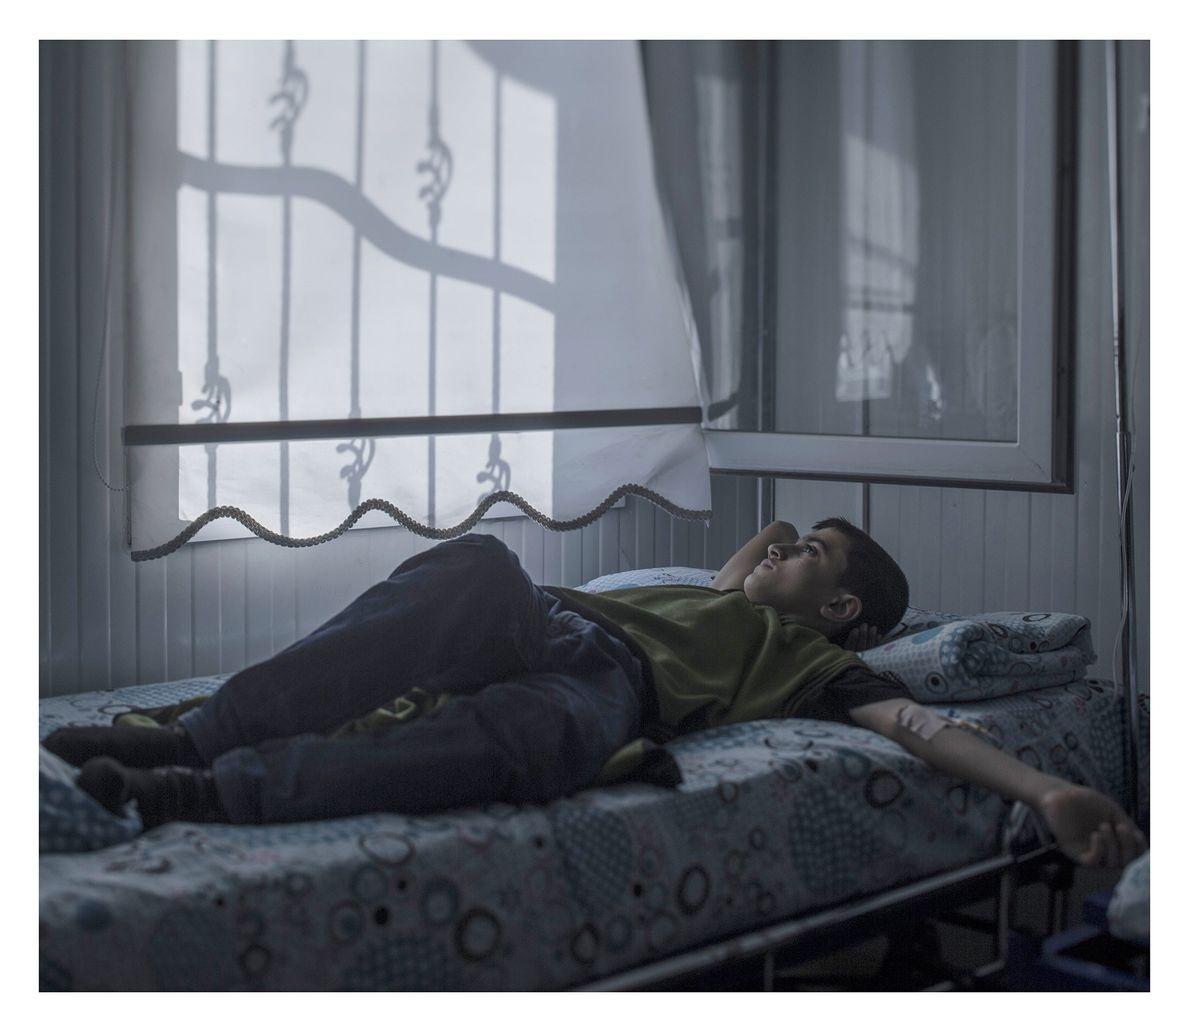 criança refugiada dormindo em um leito hospitalar